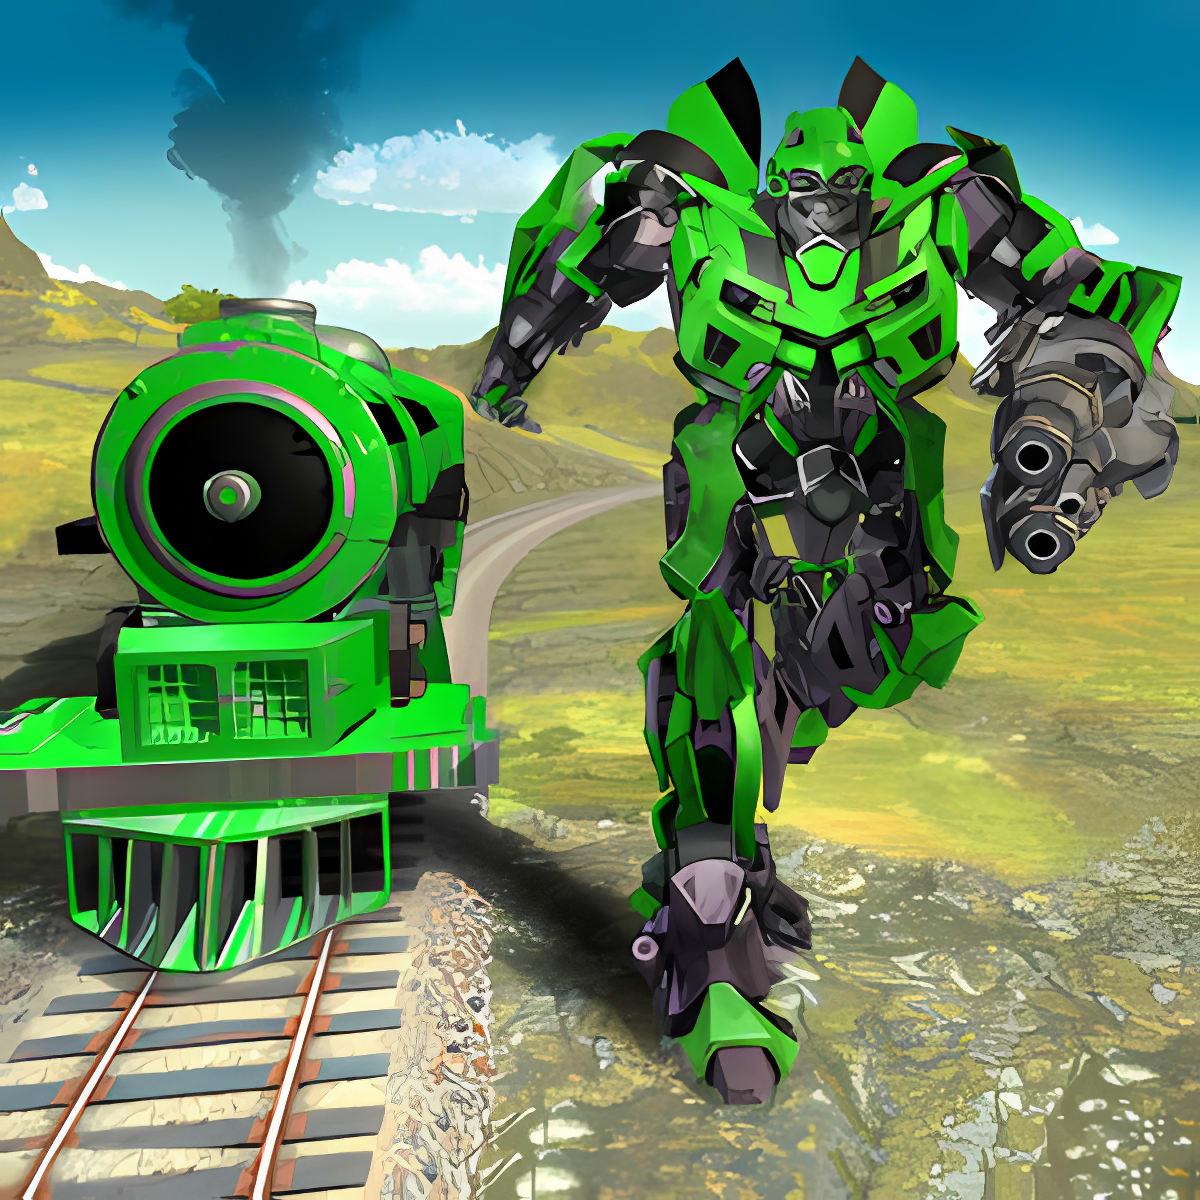 Future Subway Euro Train Transformation Robot War